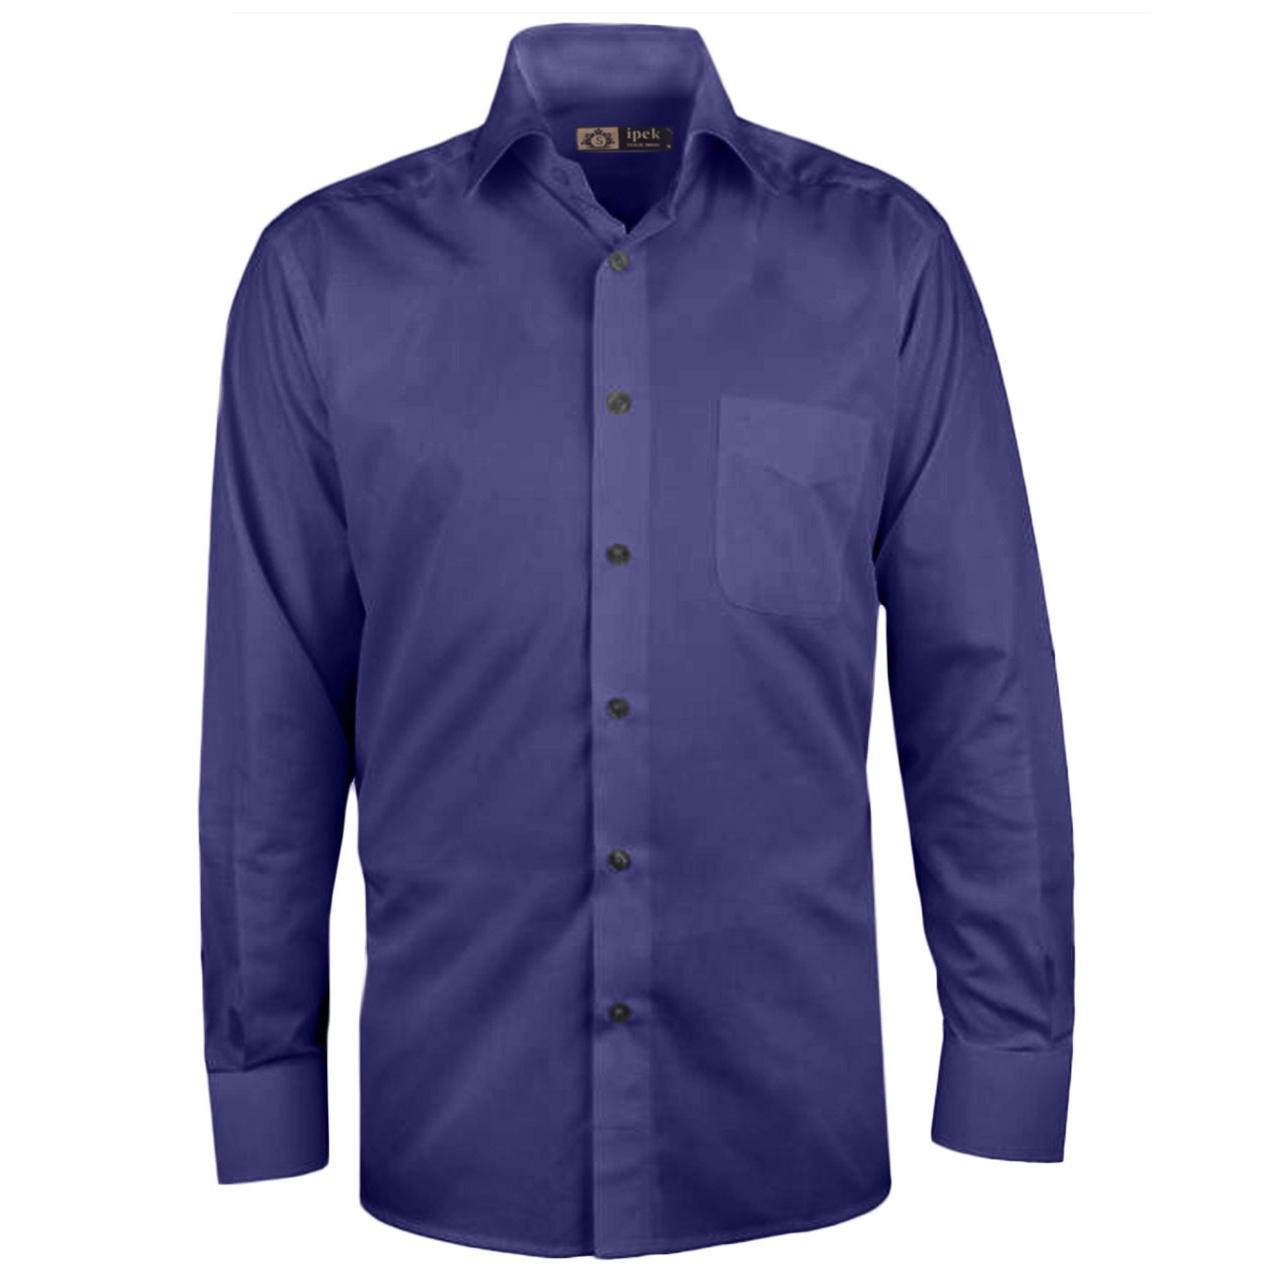 پیراهن مردانه آی پک کد 678